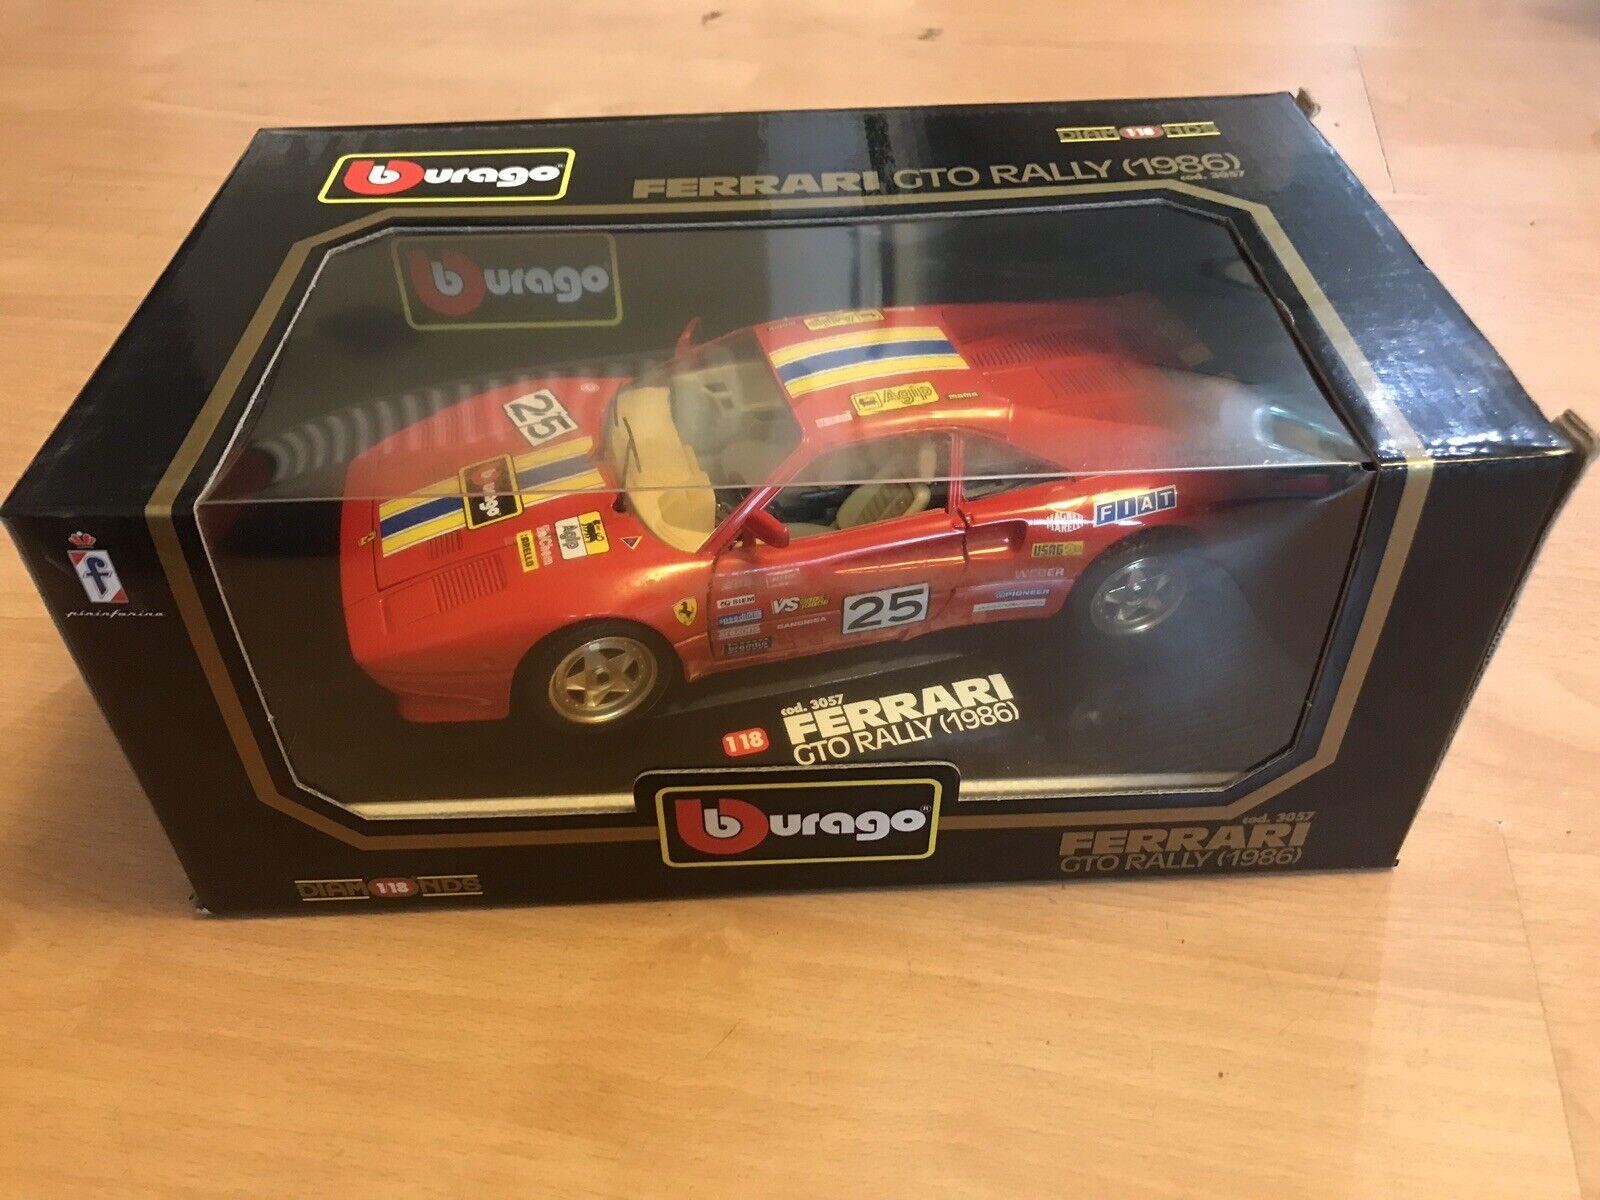 Burago 1 18 Scale Ferrari GTO RALLY (1986) 3057 Rare